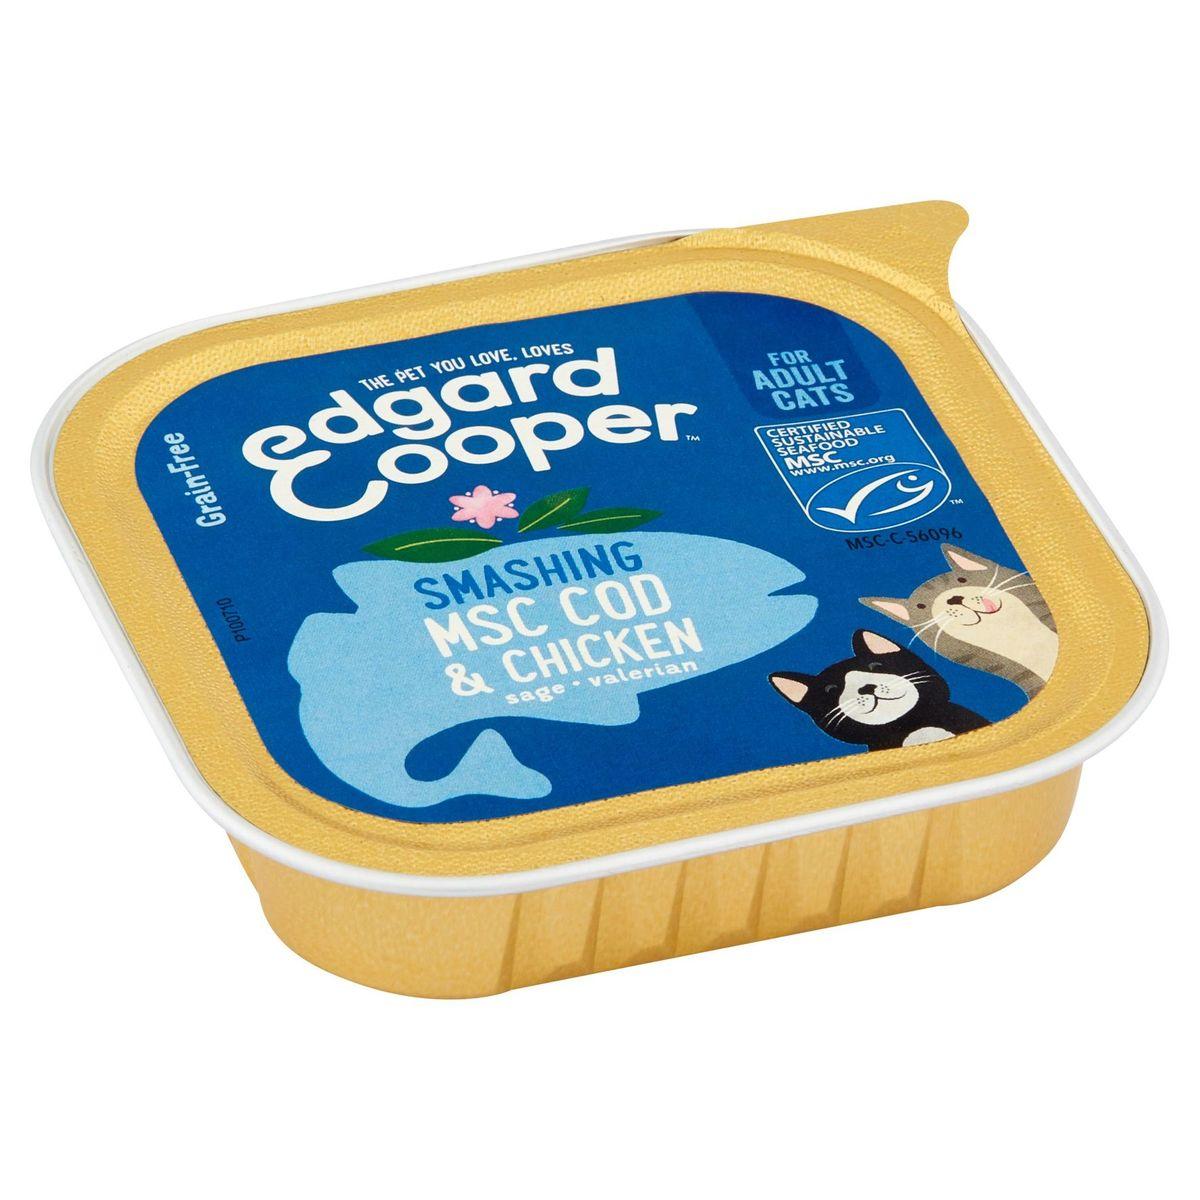 Edgard & Cooper Smashing MSC Cod & Chicken Sage Valerian 85 g